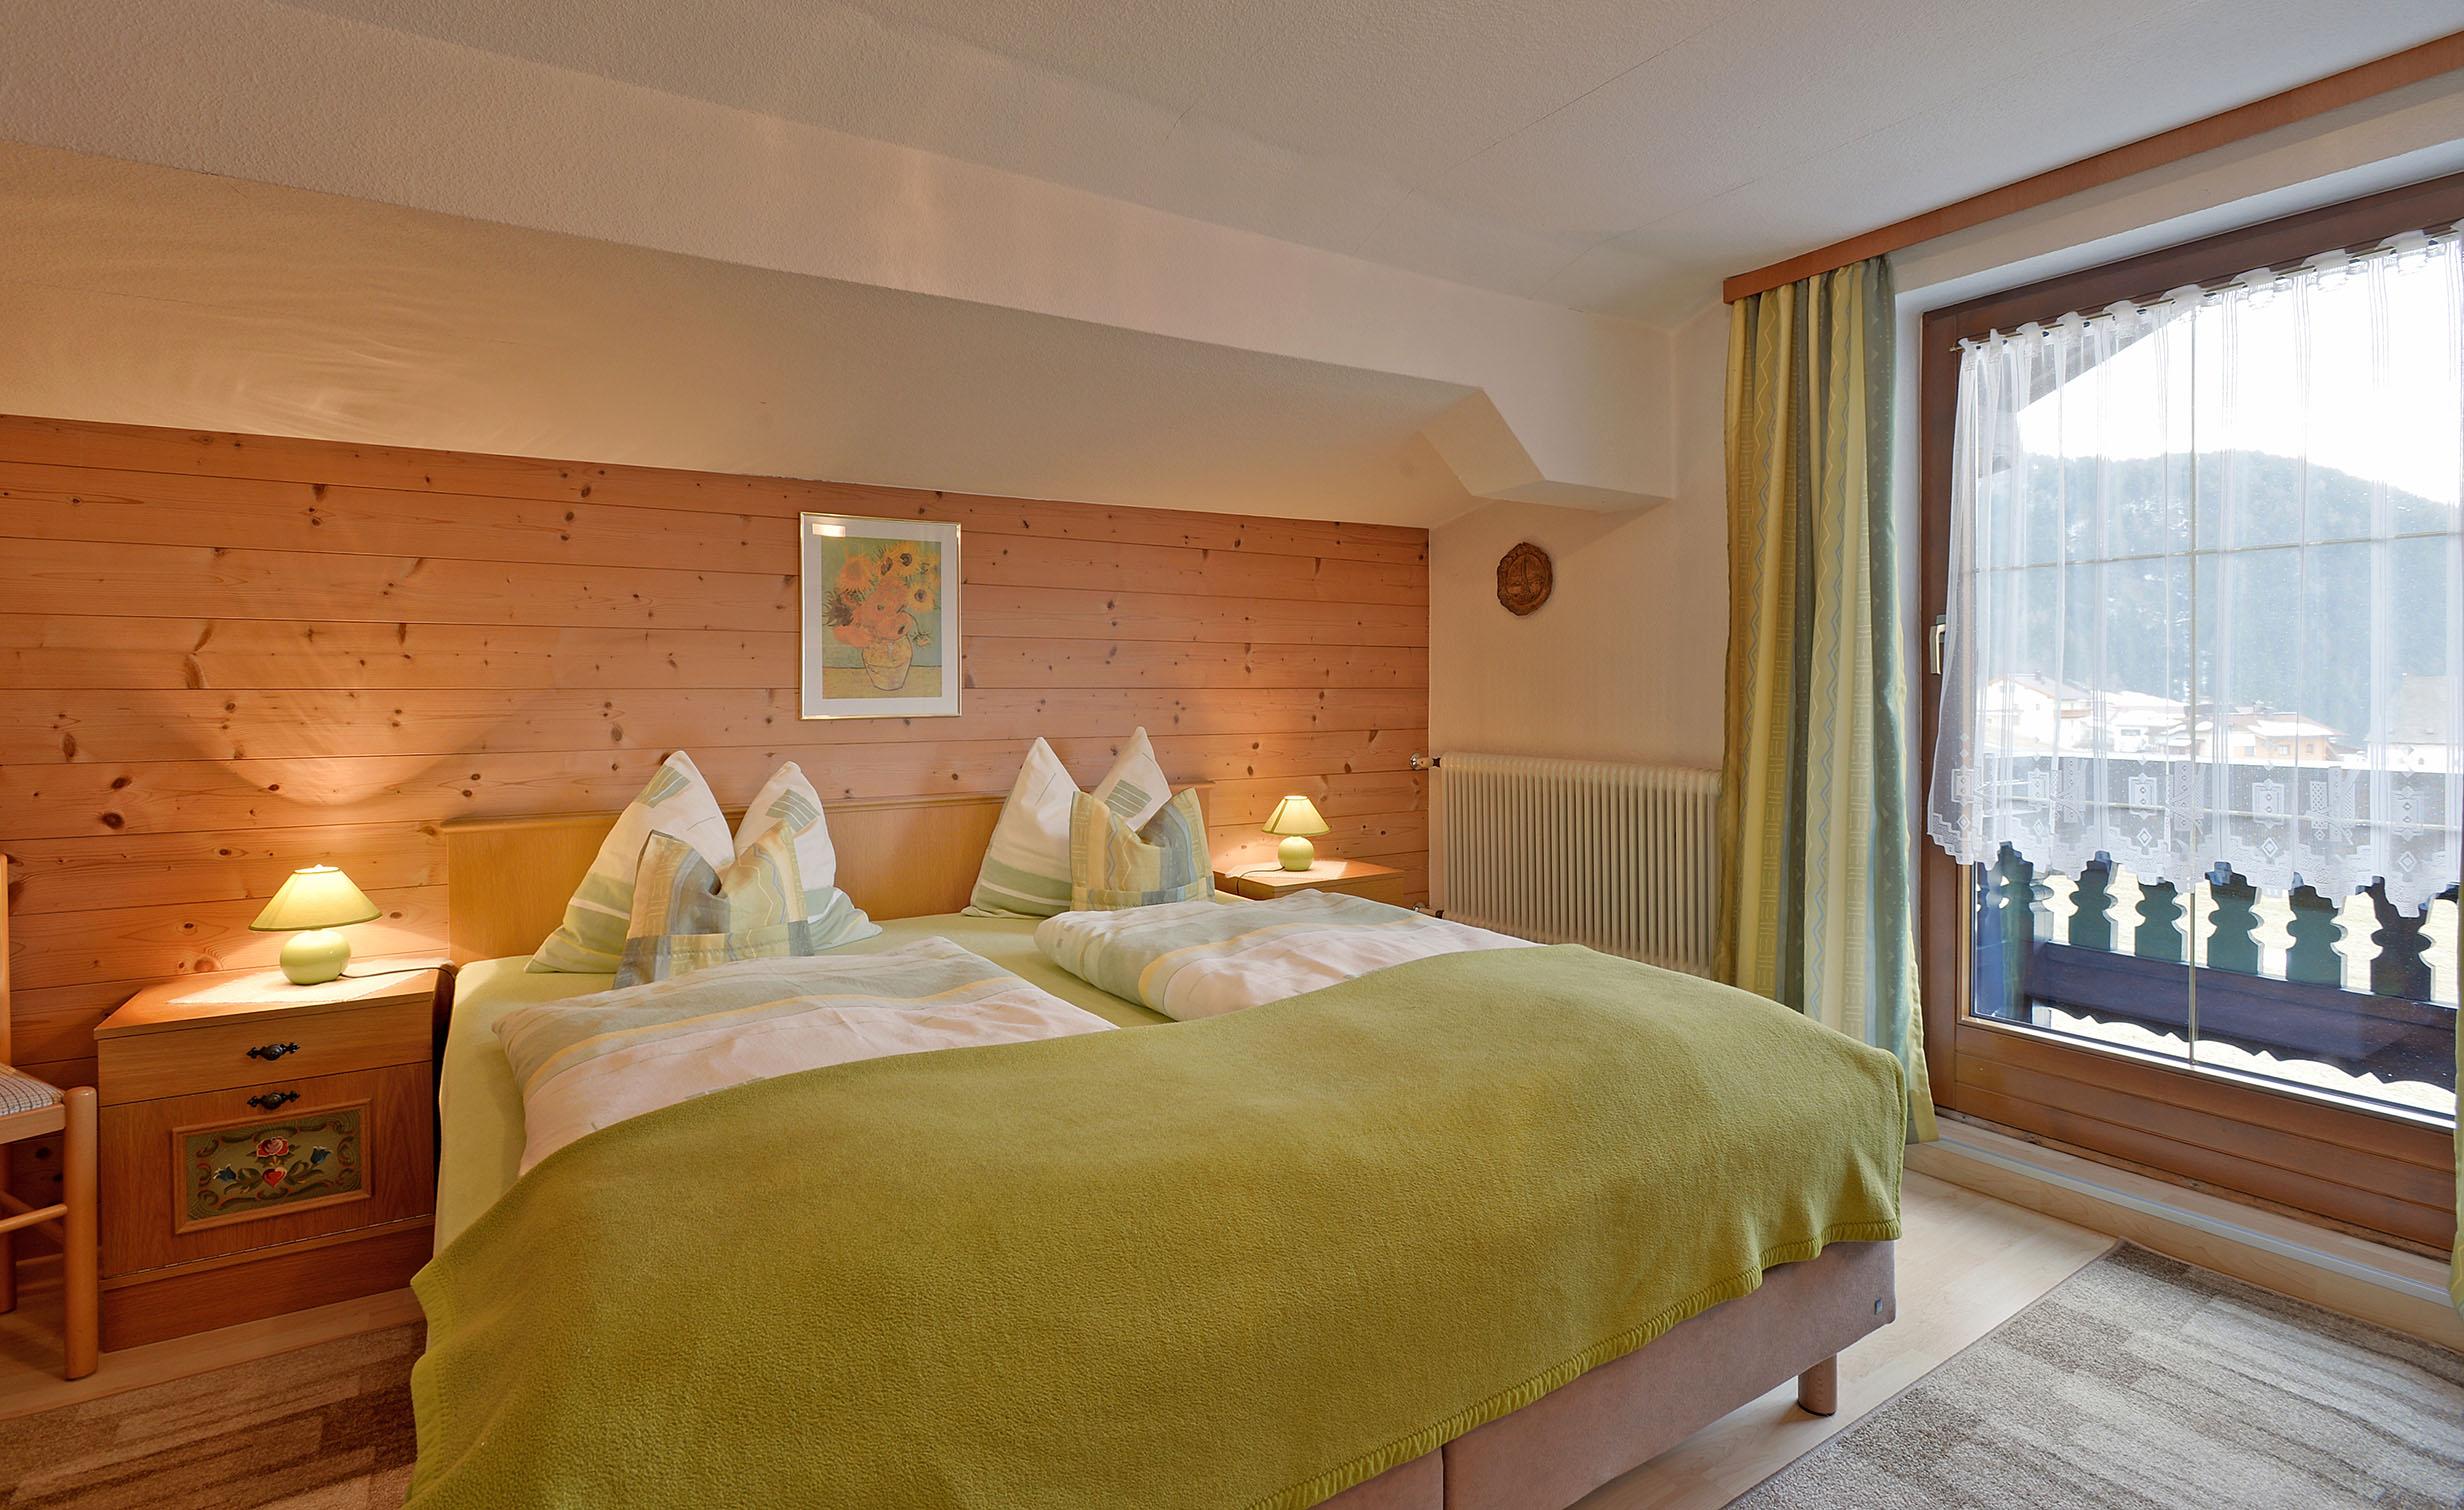 Gaestehaus-Planer-Schwendt-Schlecht-1-Barbara-Planer-Appartement-Schlafzimmer2